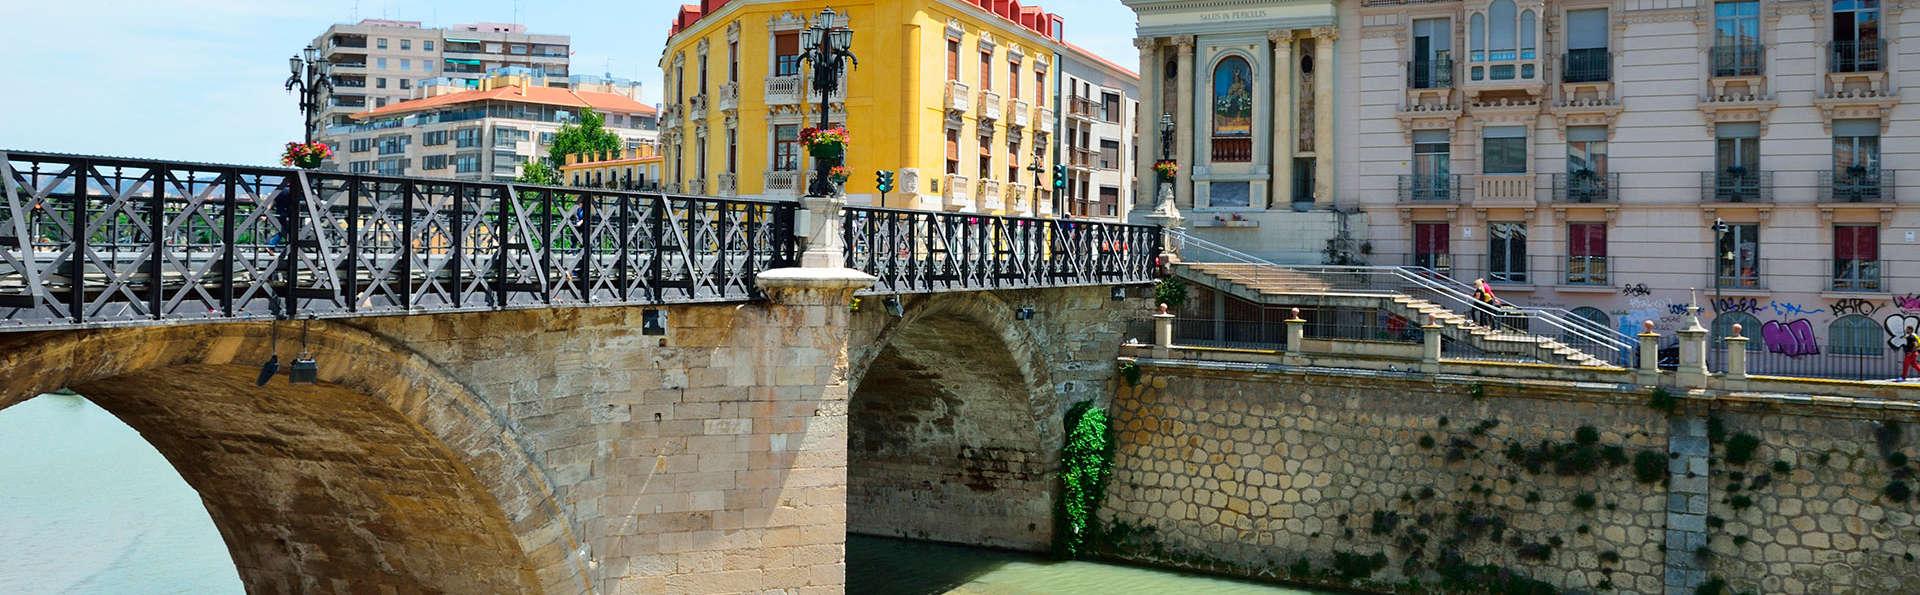 Balneario de Archena - Hotel Termas - EDIT_destination1.jpg